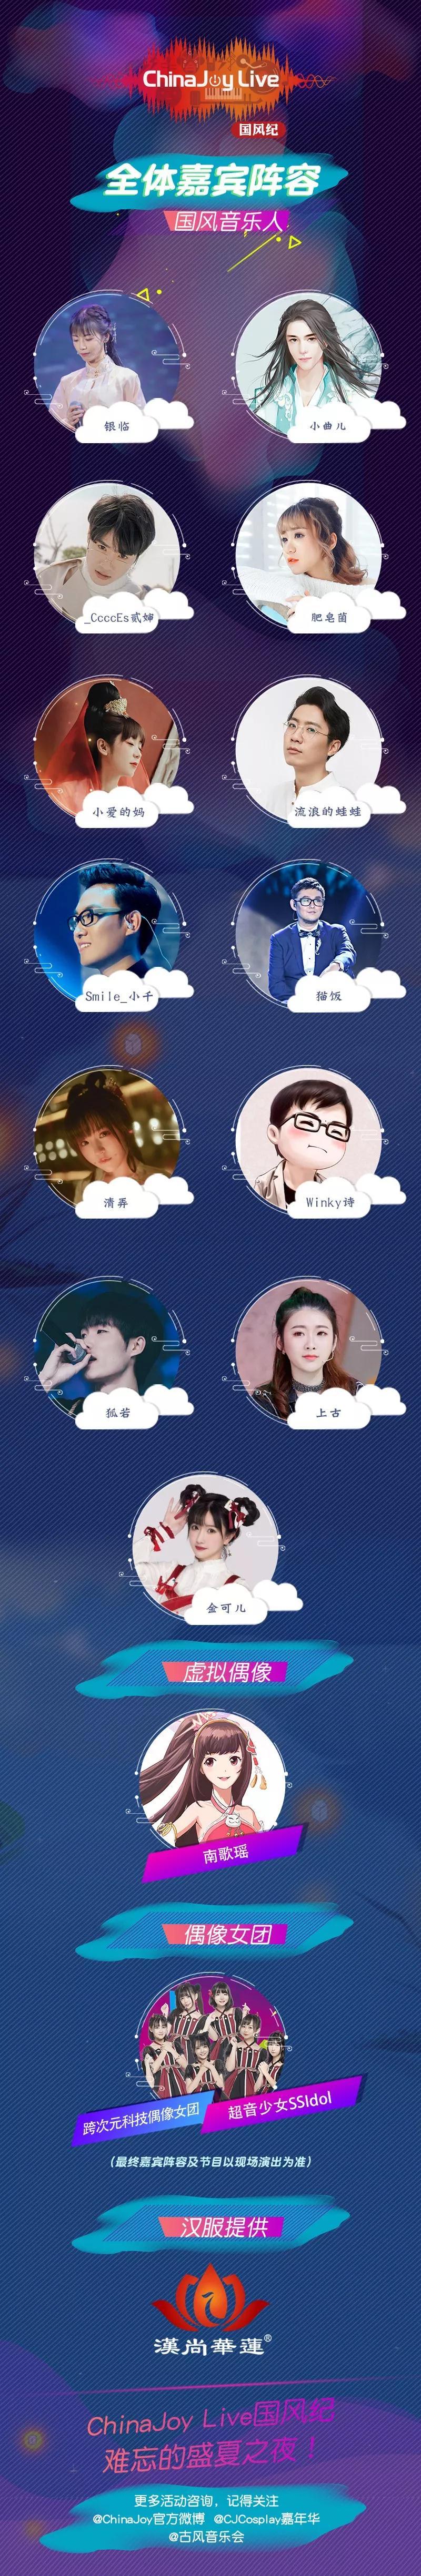 以歌为纪,乘风而行!2018第二届ChinaJoy Live国风纪晚场演唱会正式拉开帷幕!